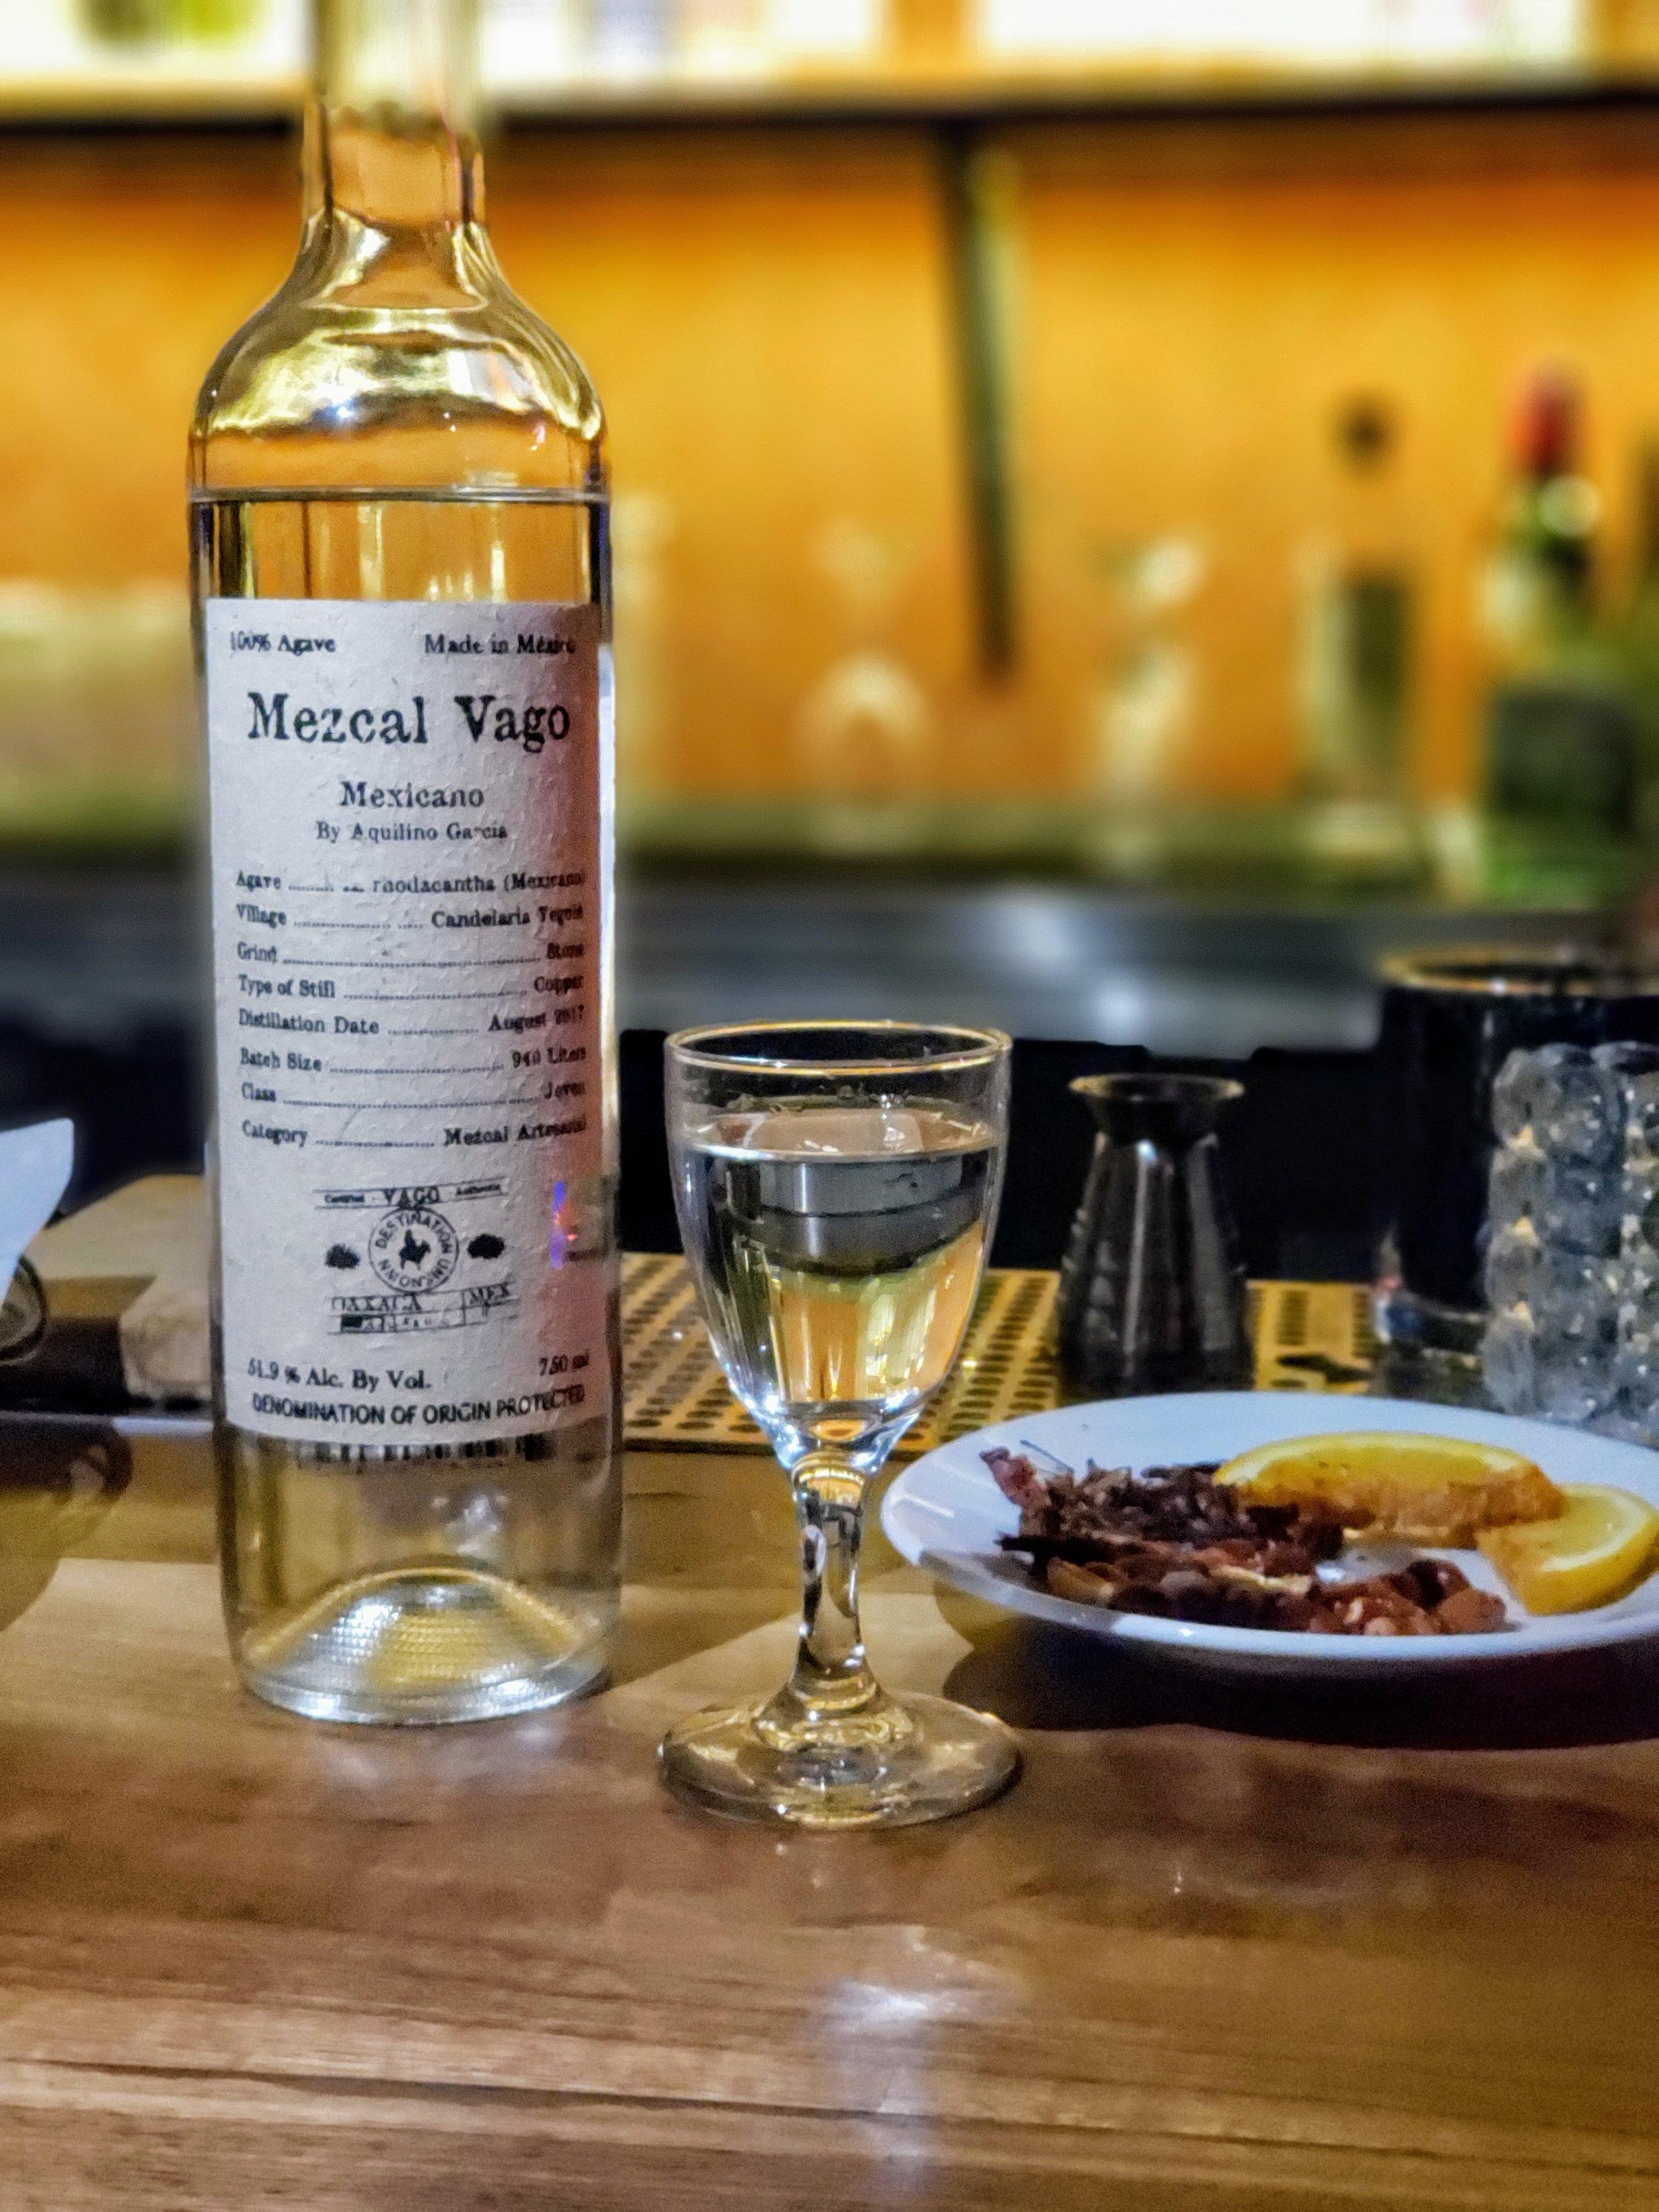 Mezcal Vago Mexicano